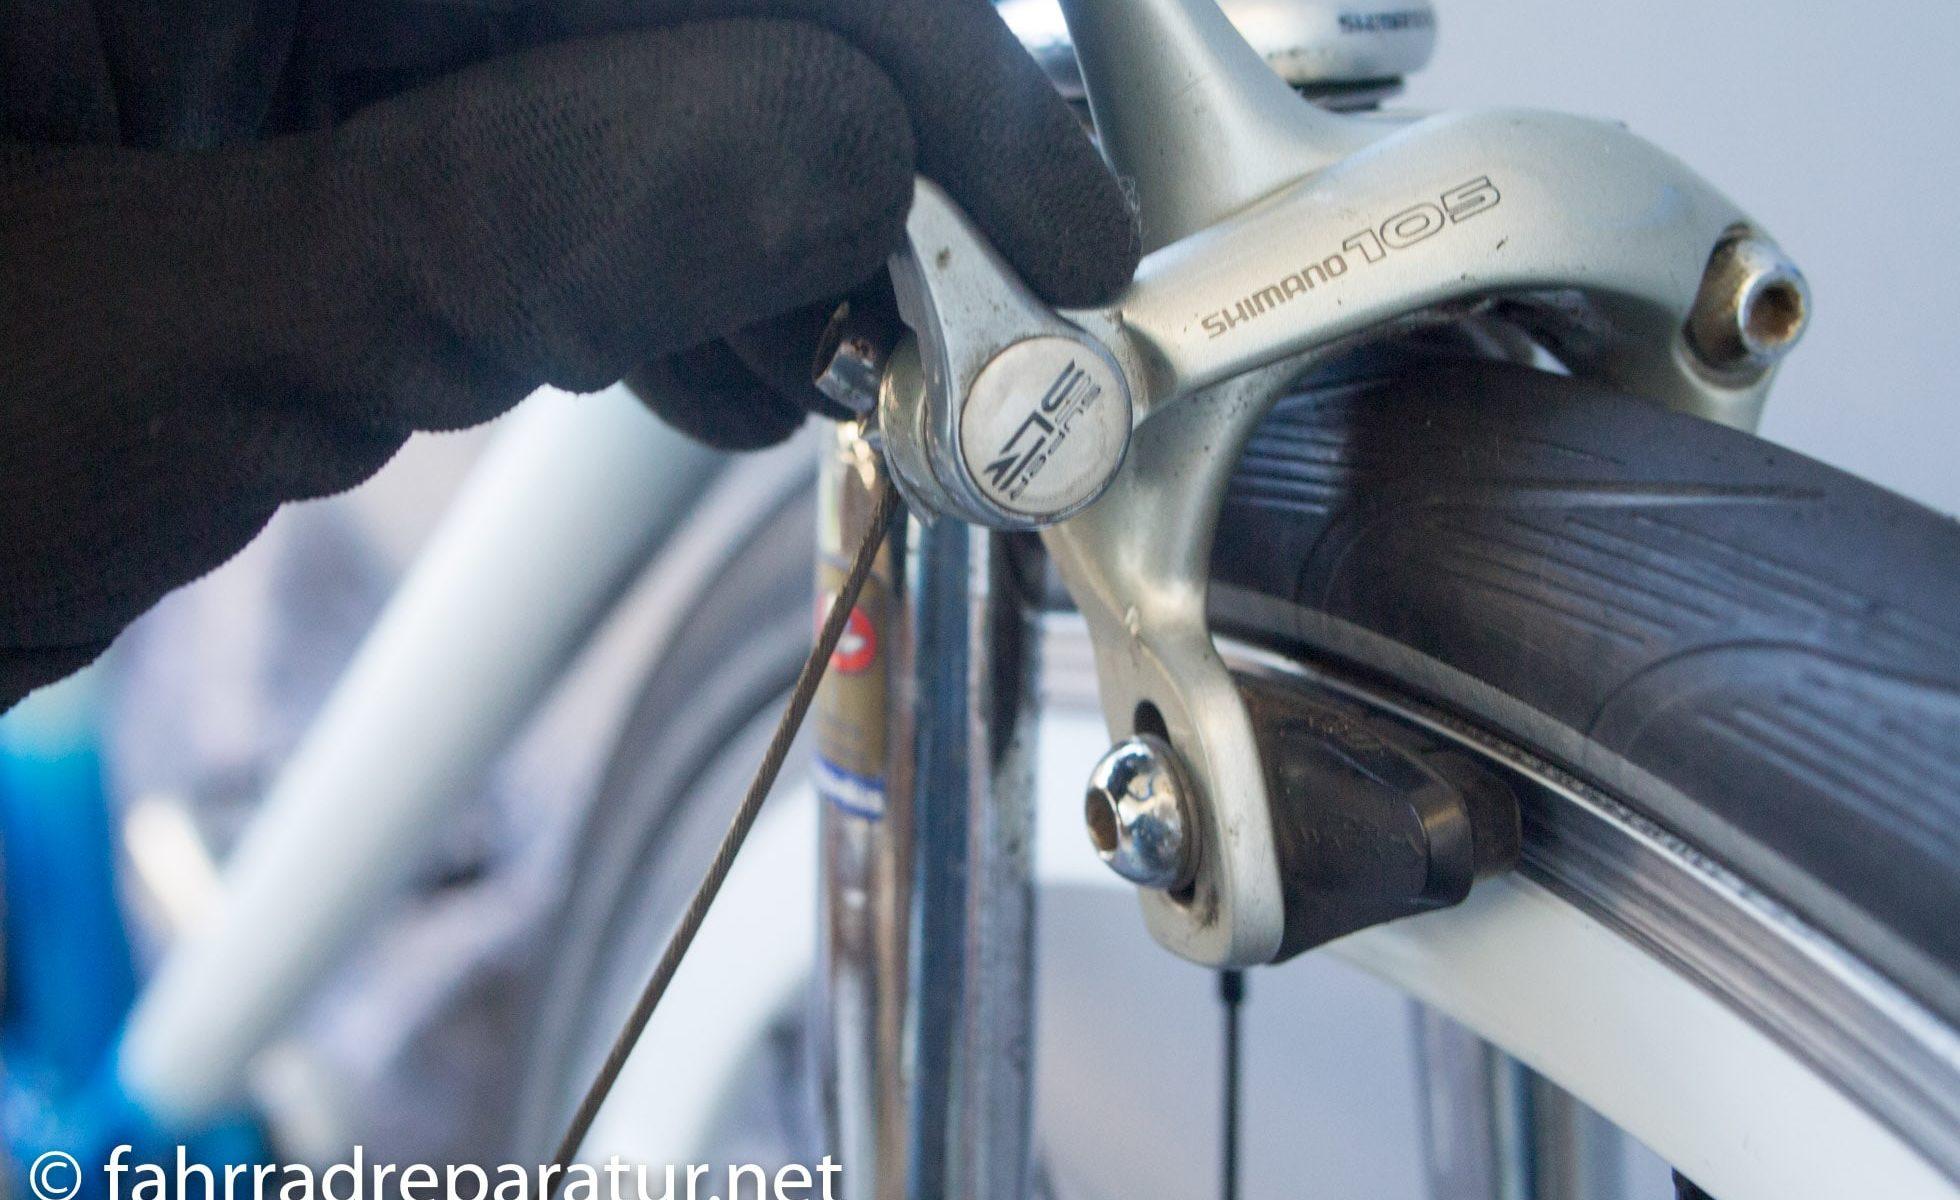 V-Brake Bremse am MTB einstellen - fahrradreparatur.net